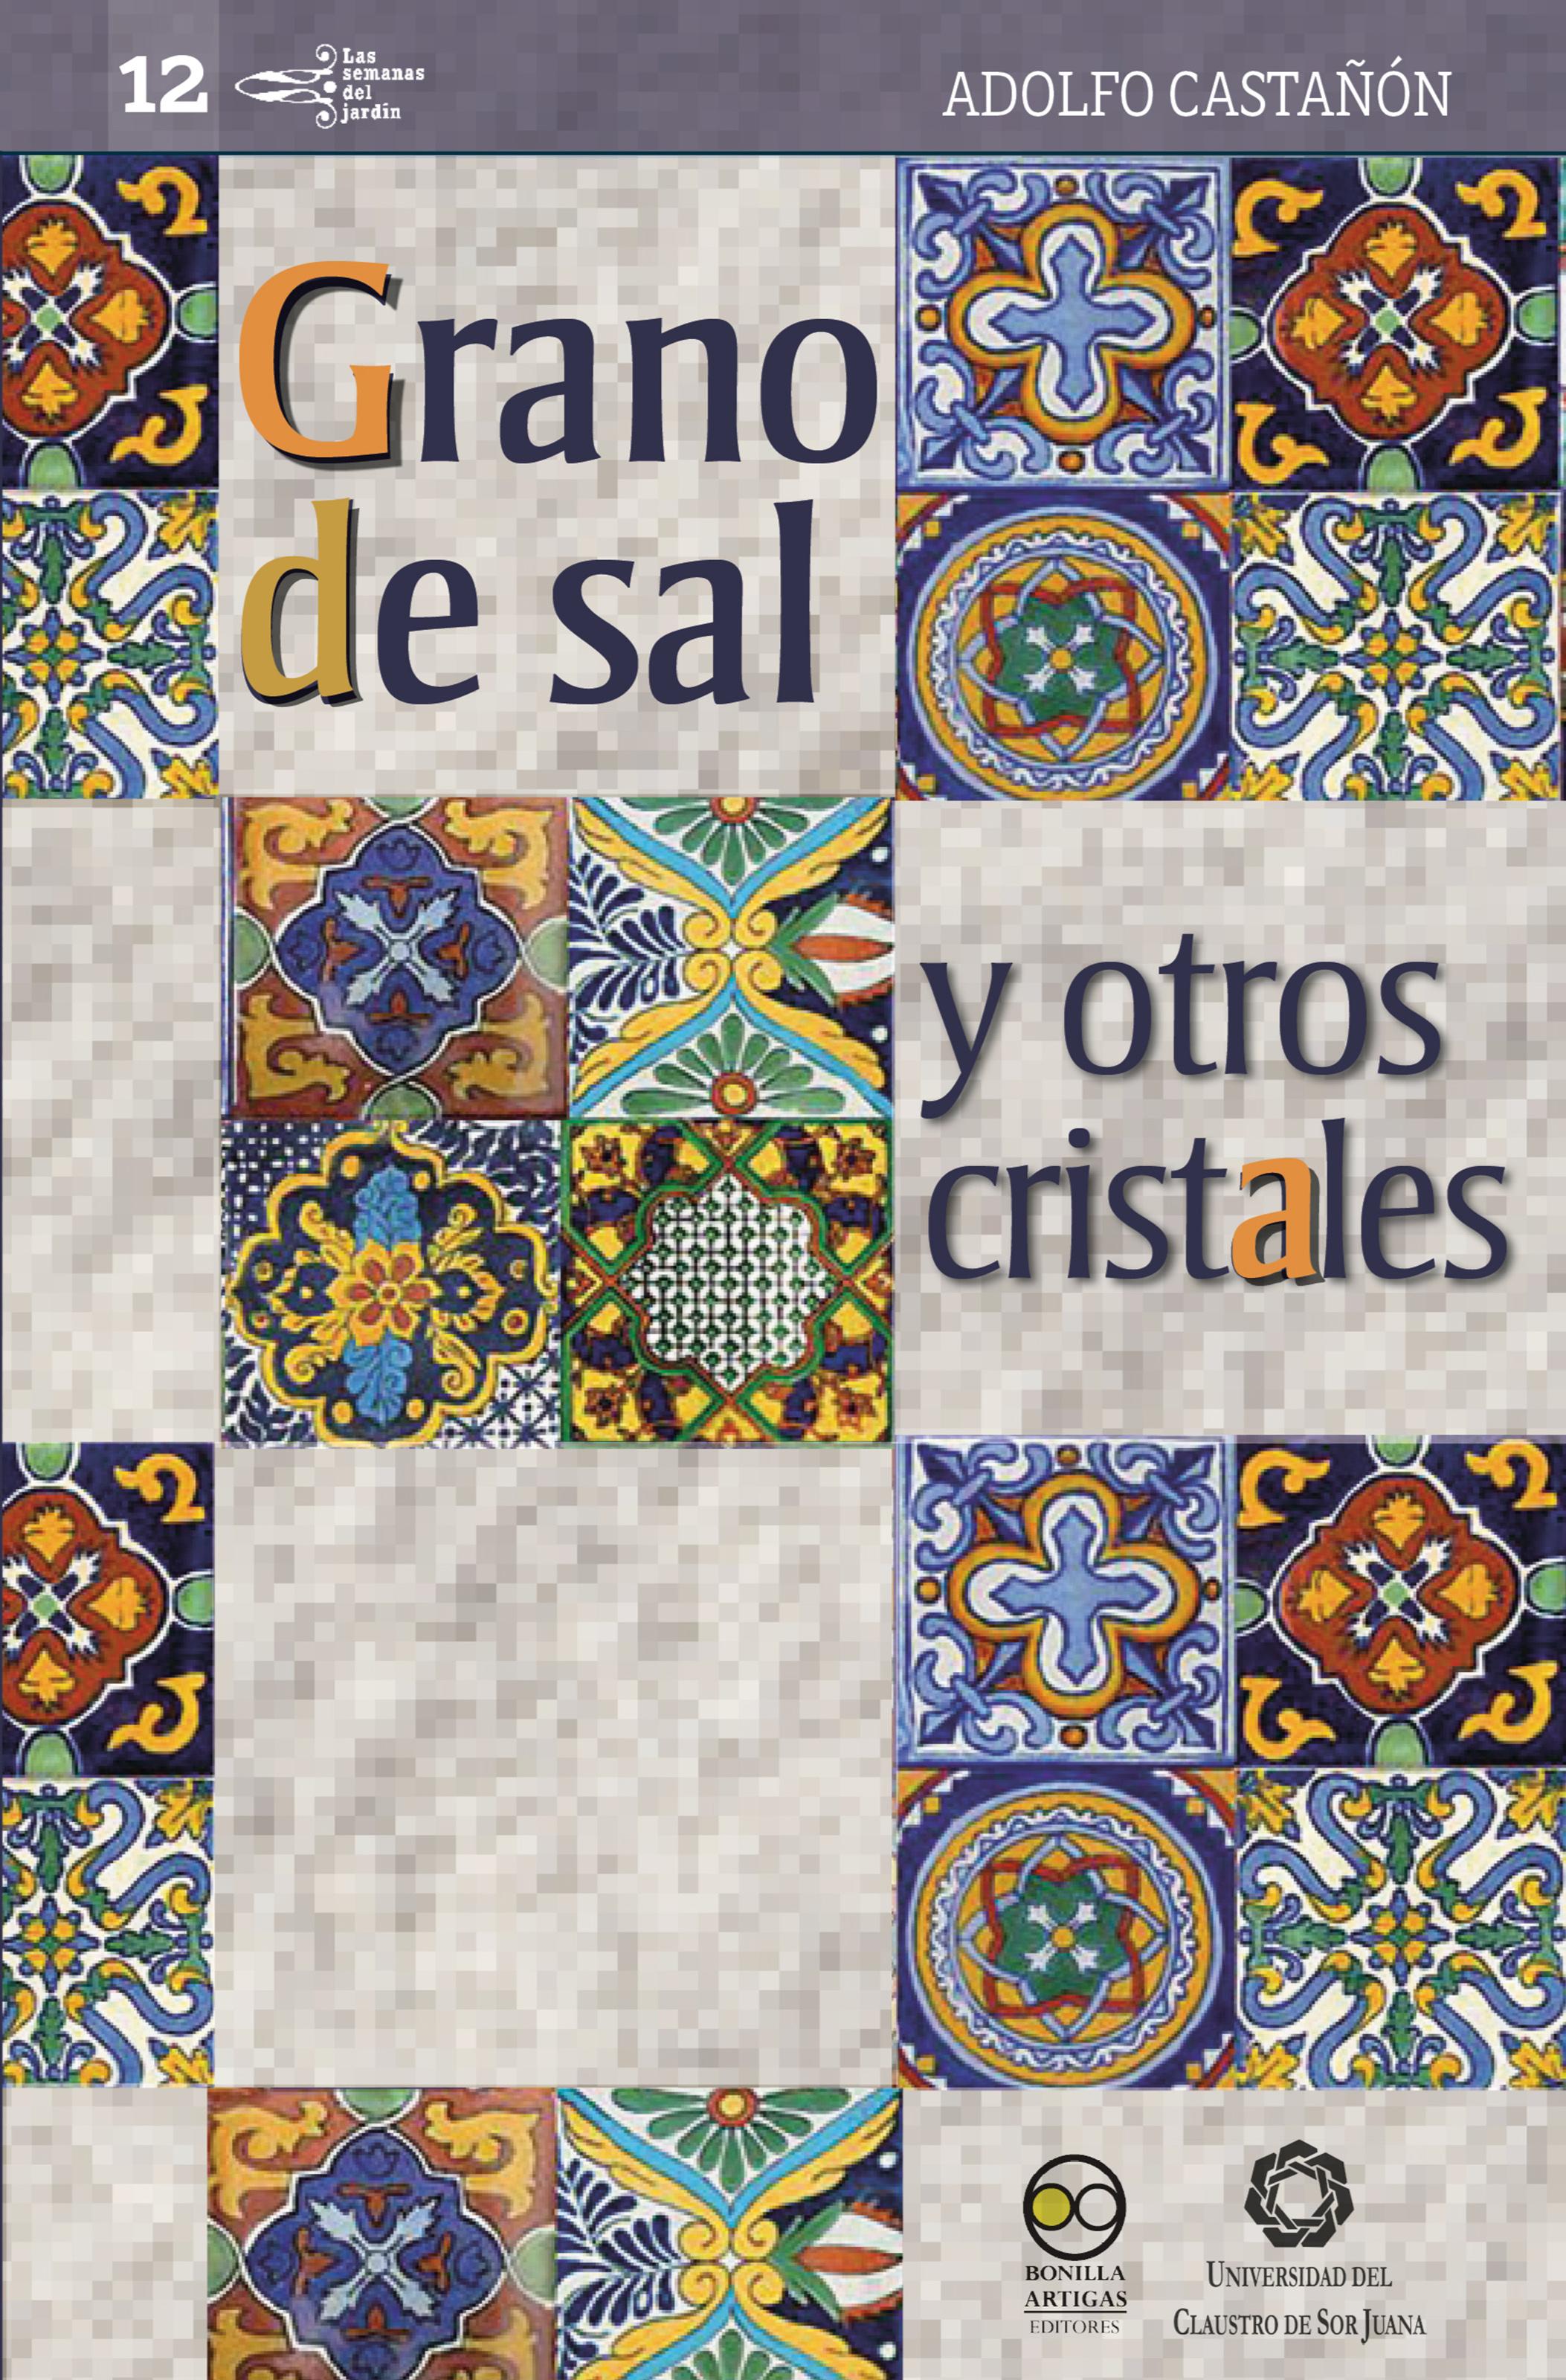 Adolfo Castañón Grano de sal y otros cristales elgusto grano